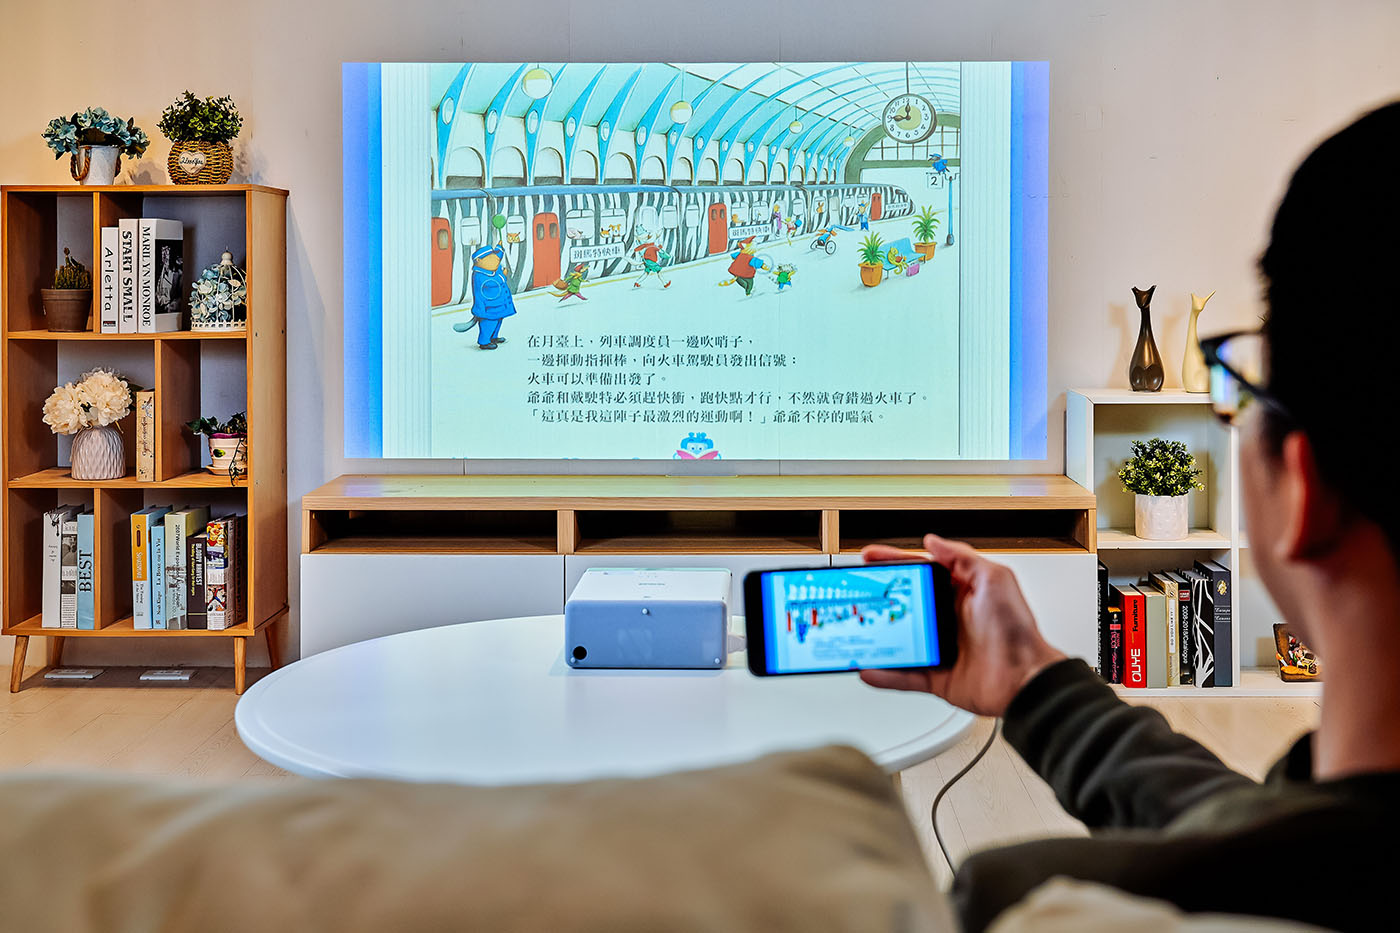 防疫不忘娛樂,Epson EF-100WATV 親子同歡看電影,畫面清晰,健康護眼